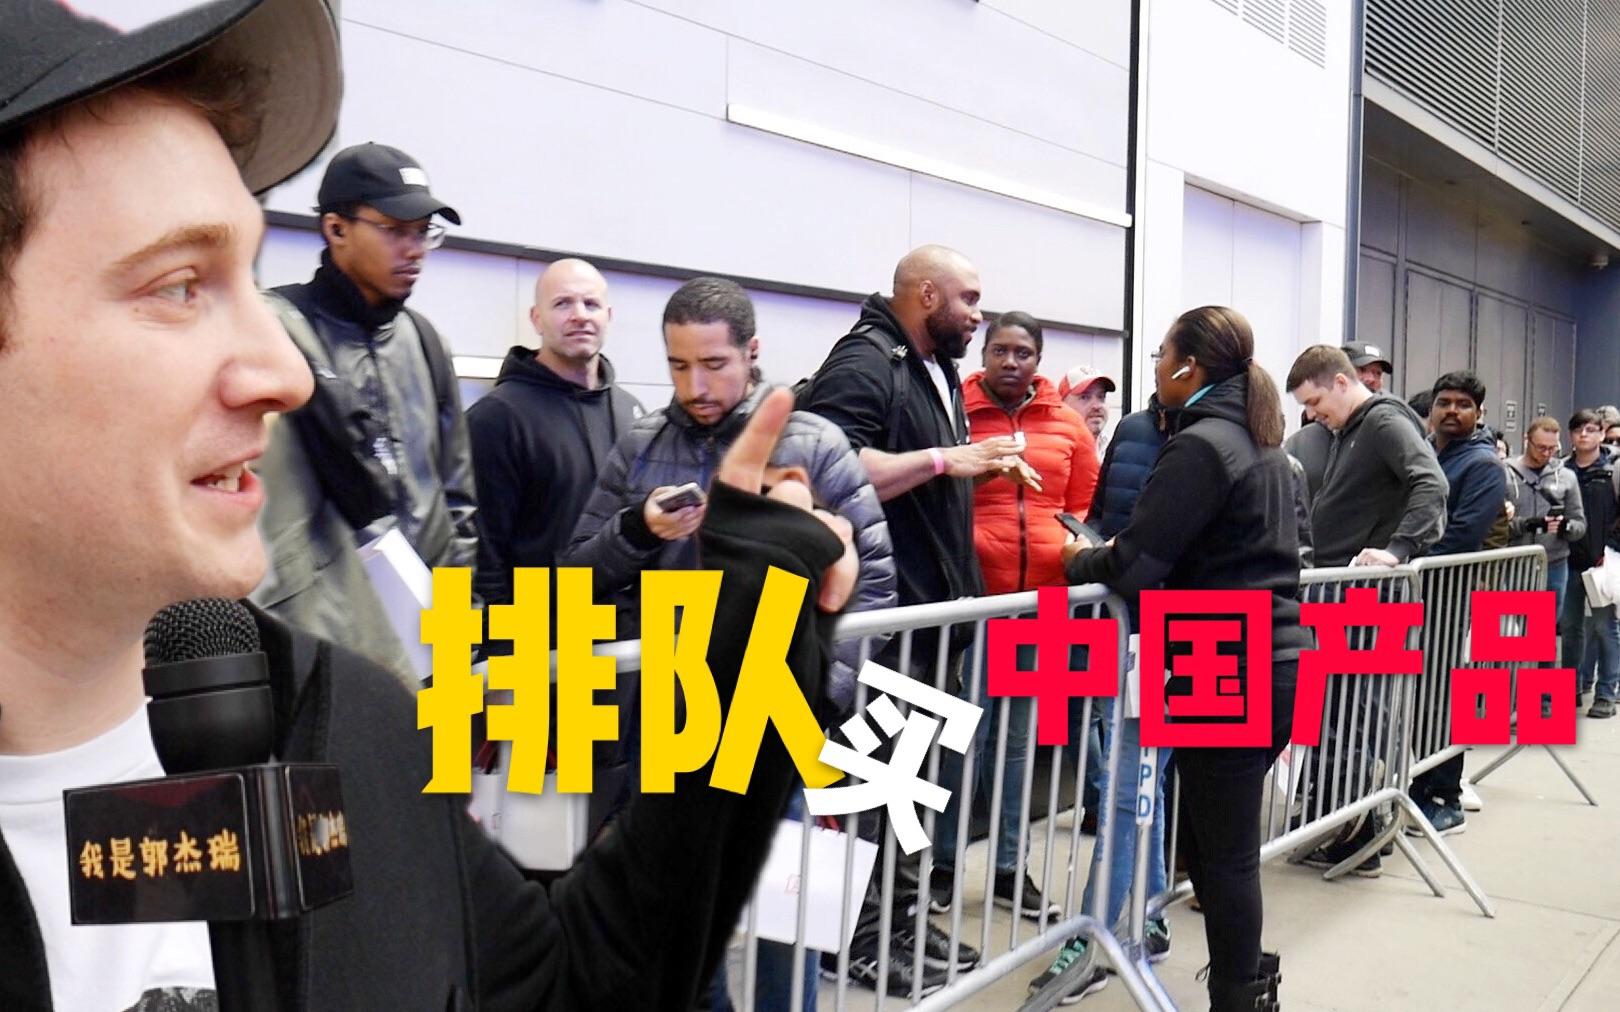 中国产品引发美国人排队购买!听听美国人怎么说?